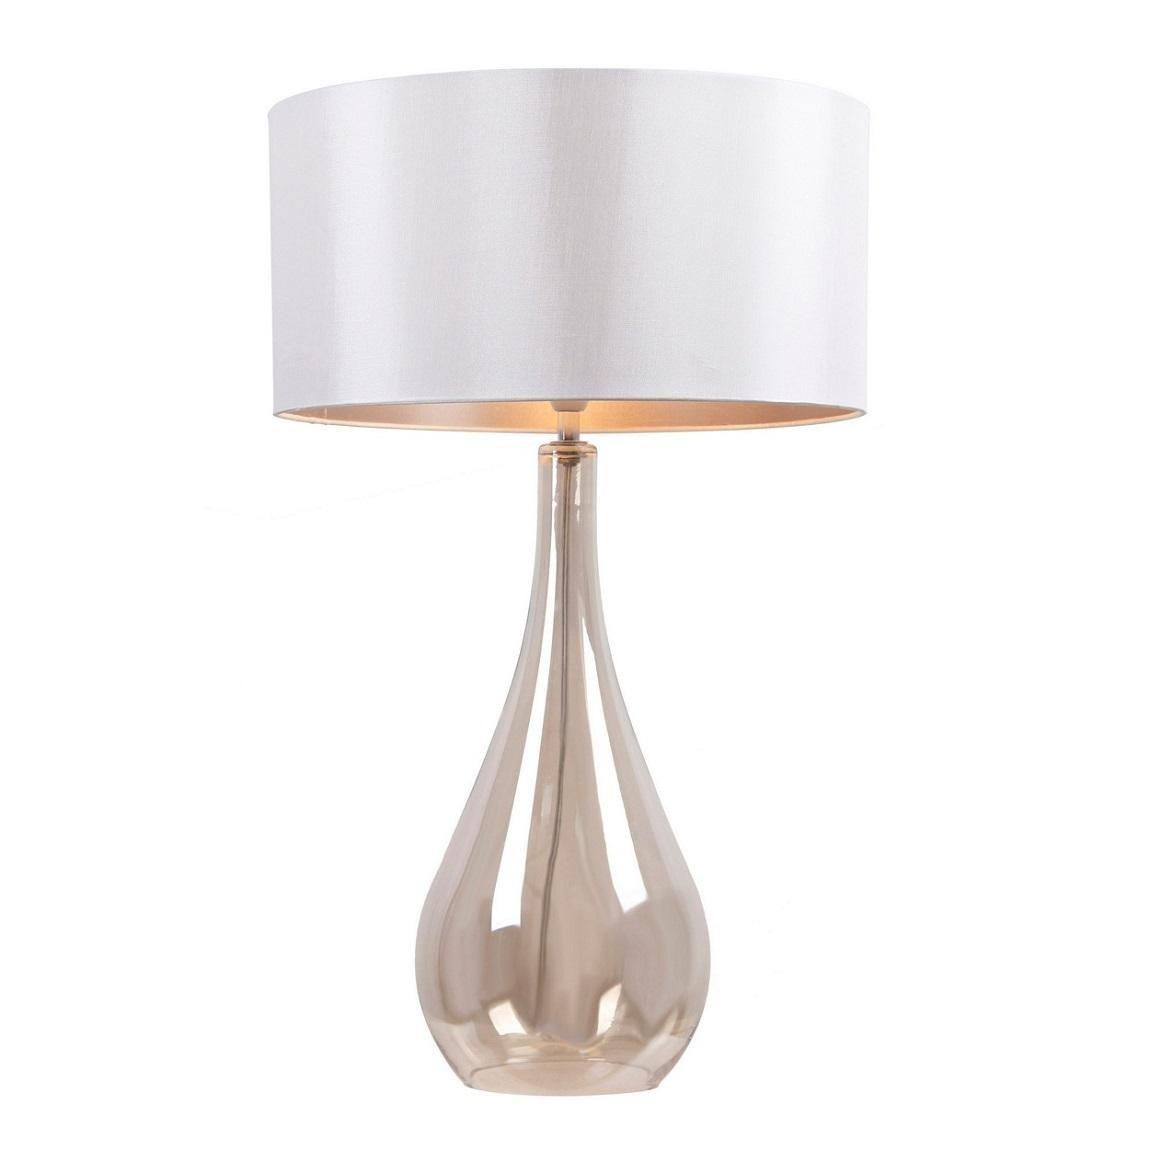 Lamps deals